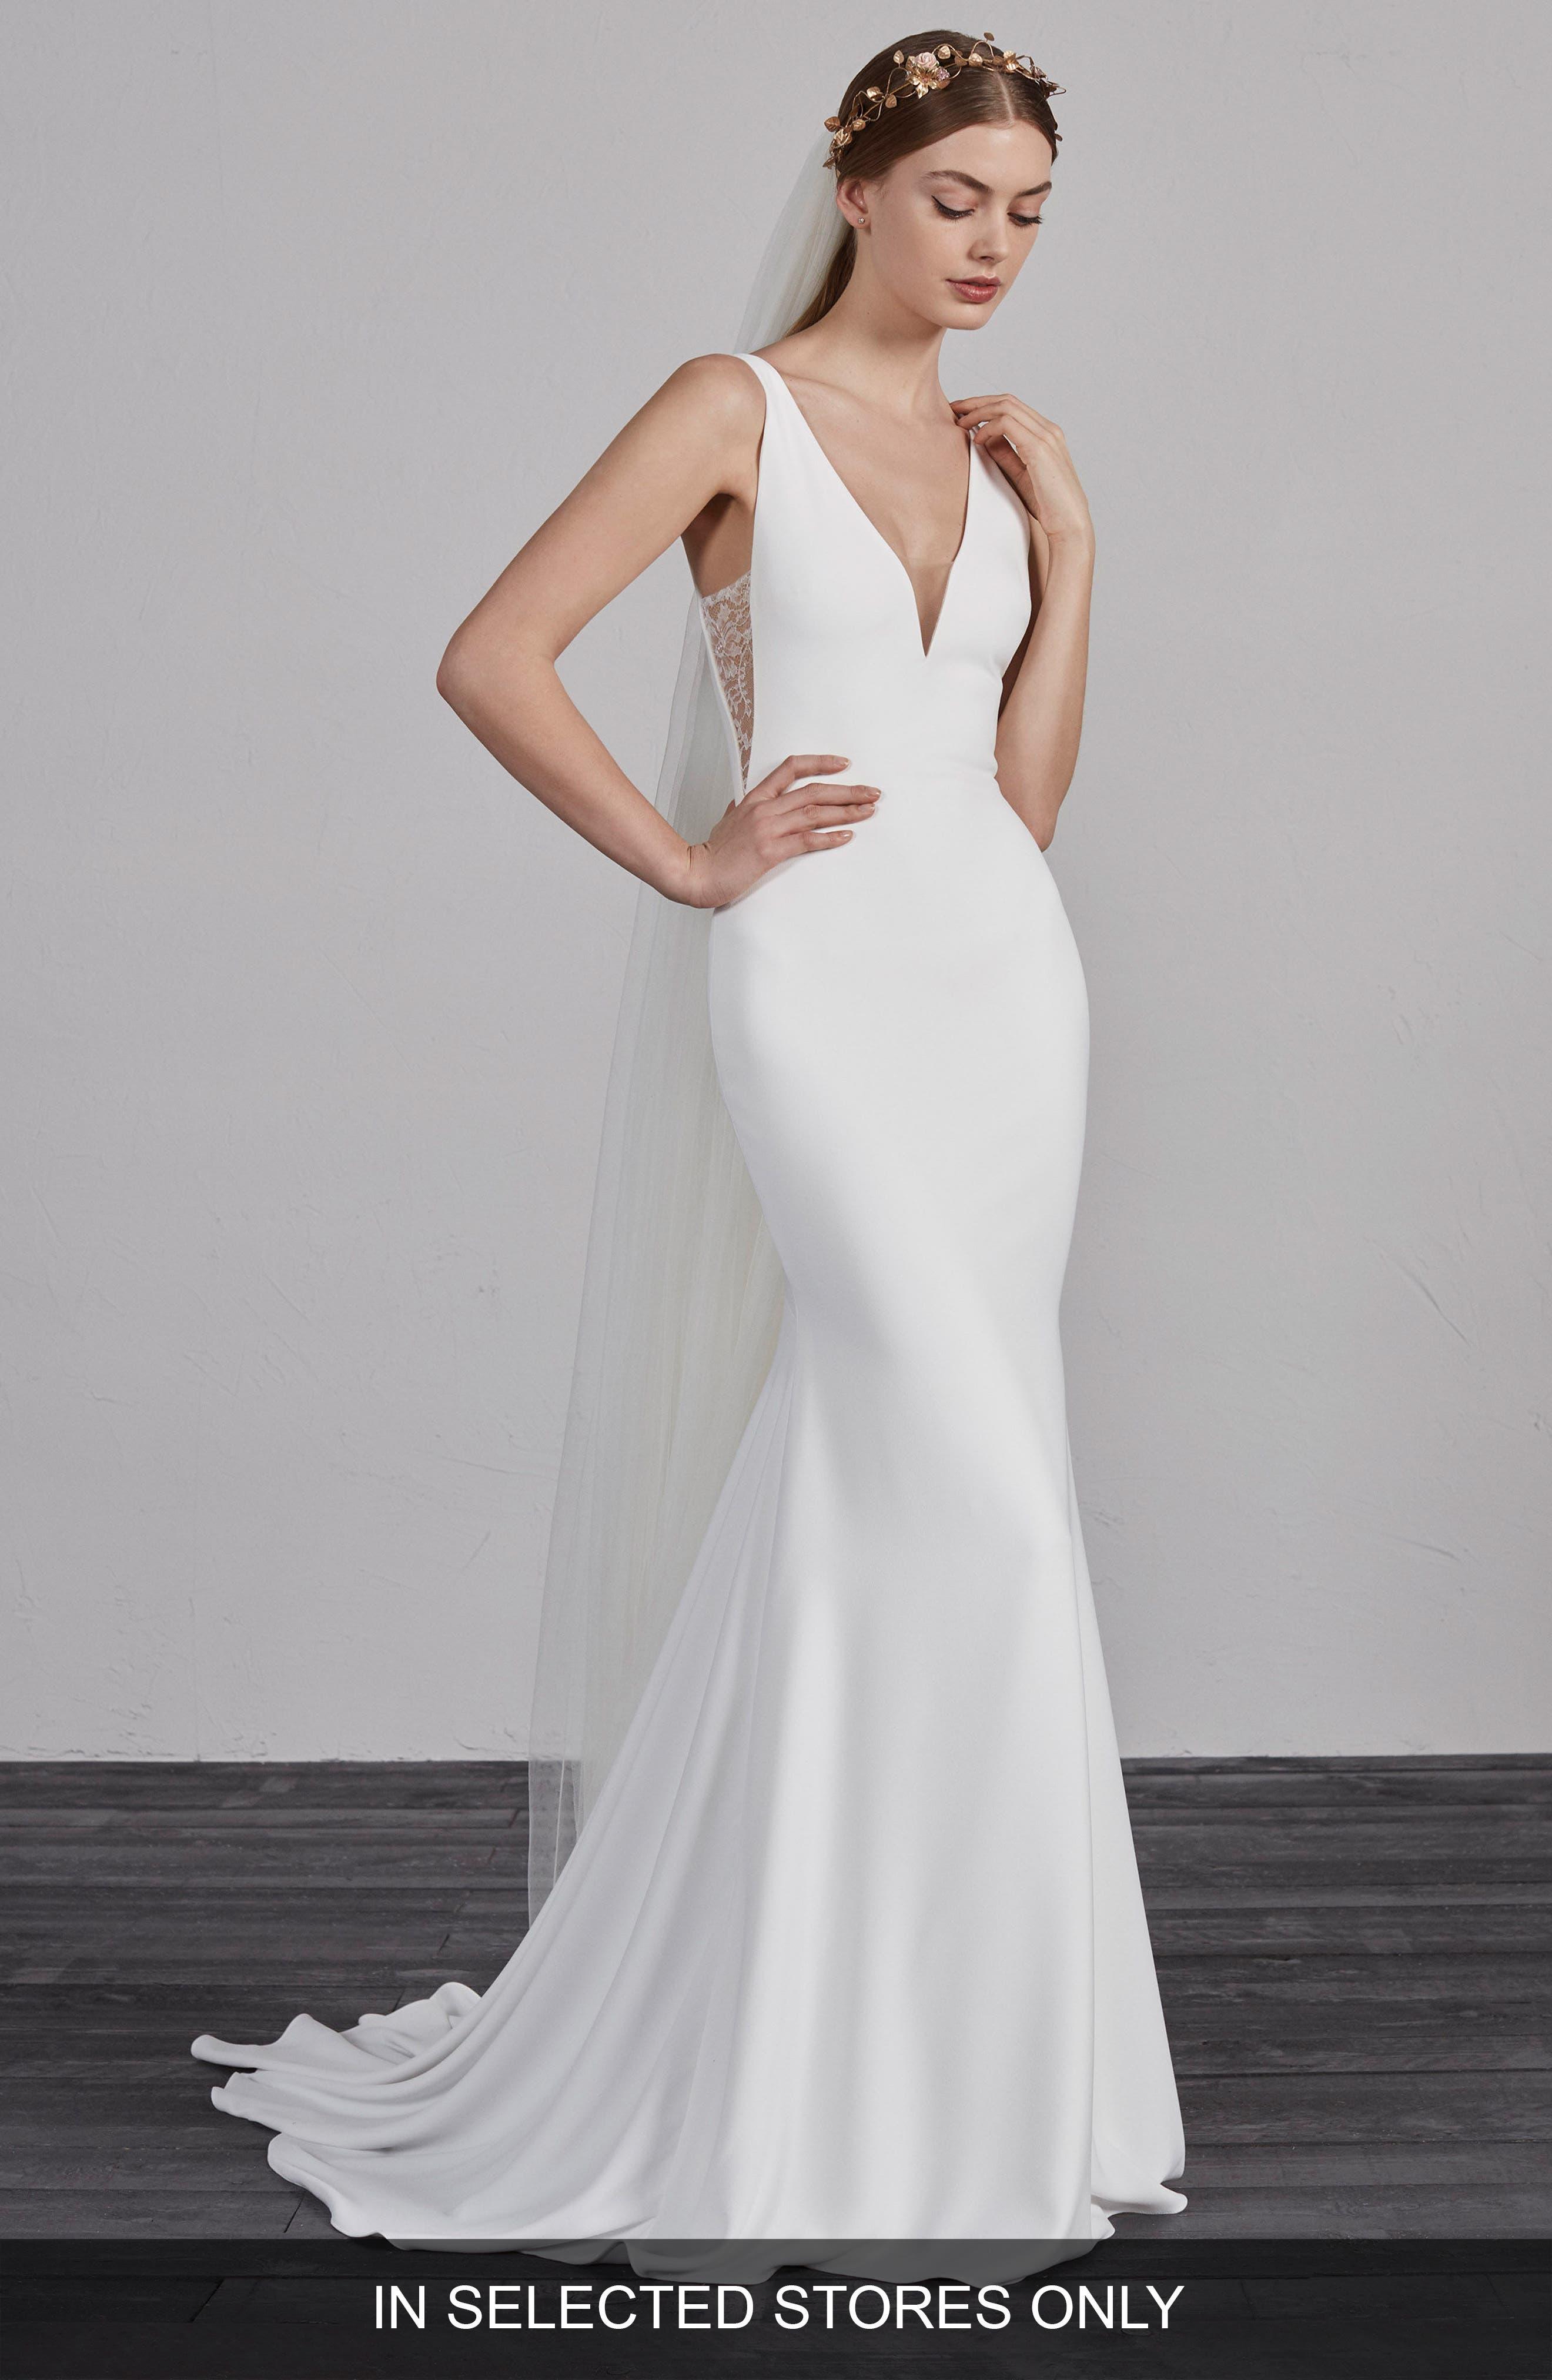 Estilo V-Neck Crepe Trumpet Gown,                         Main,                         color, Off White/ Crst